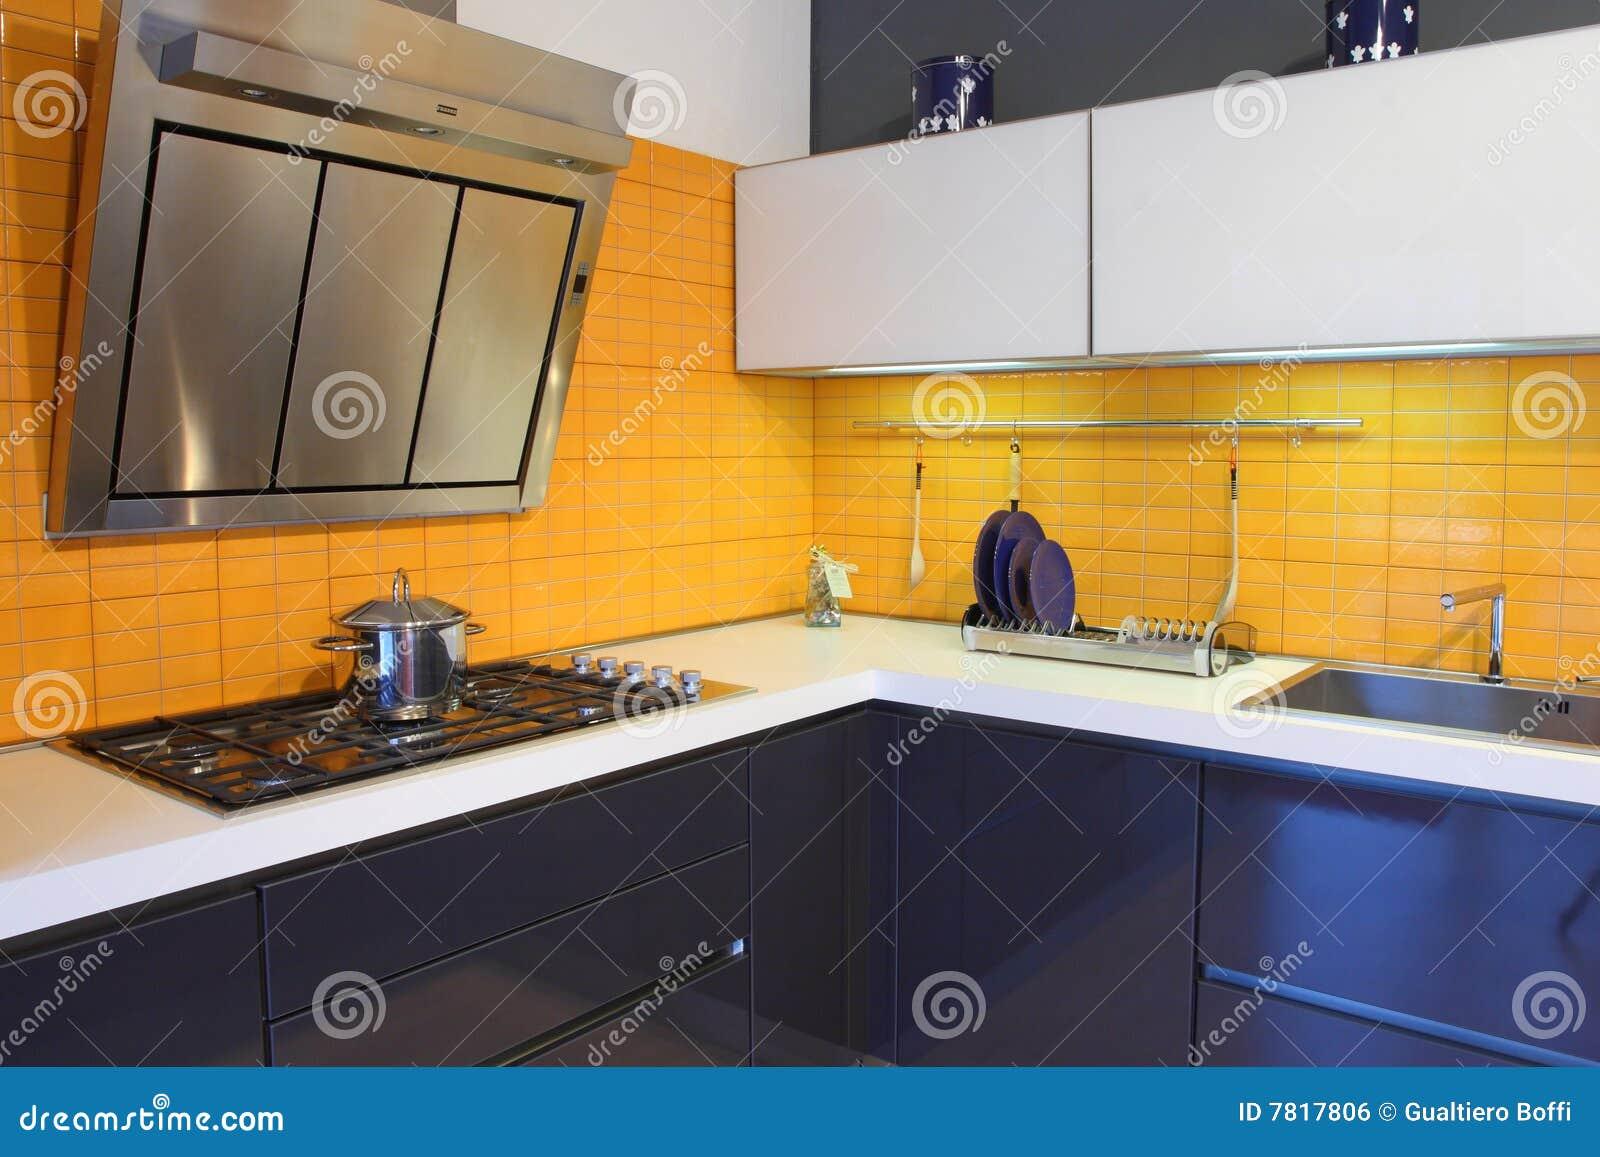 Gele Keuken Royalty-vrije Stock Afbeelding - Afbeelding: 7817806